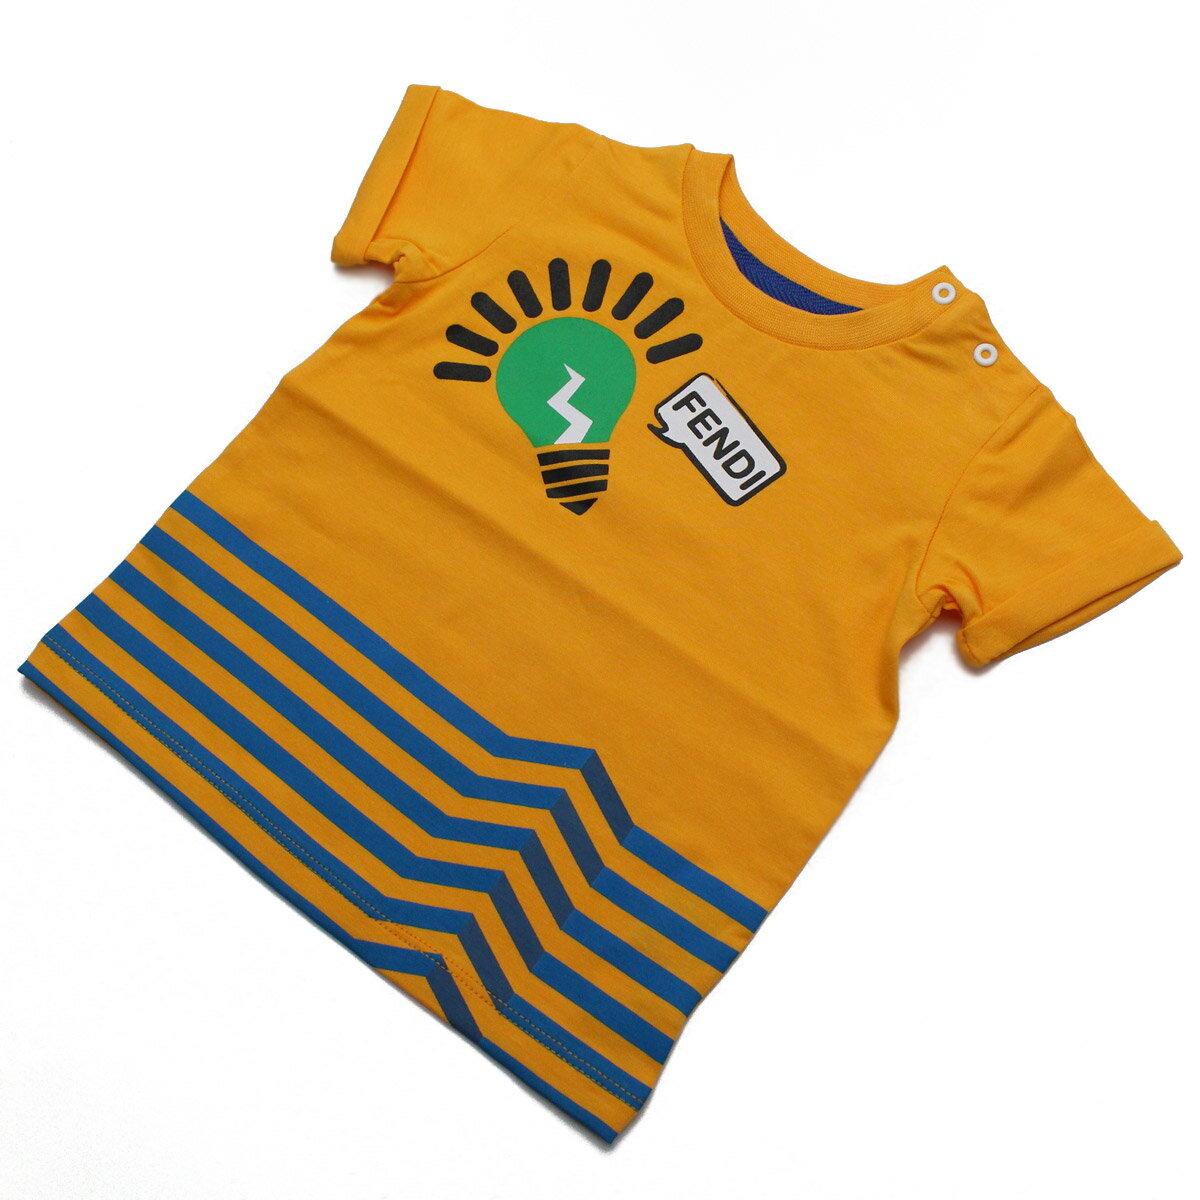 フェンディ (FENDI) ベビーTシャツ ベビー服 BMI060 ST8 F0EU5 オレンジ系【キッズ・ベビー】【男の子】